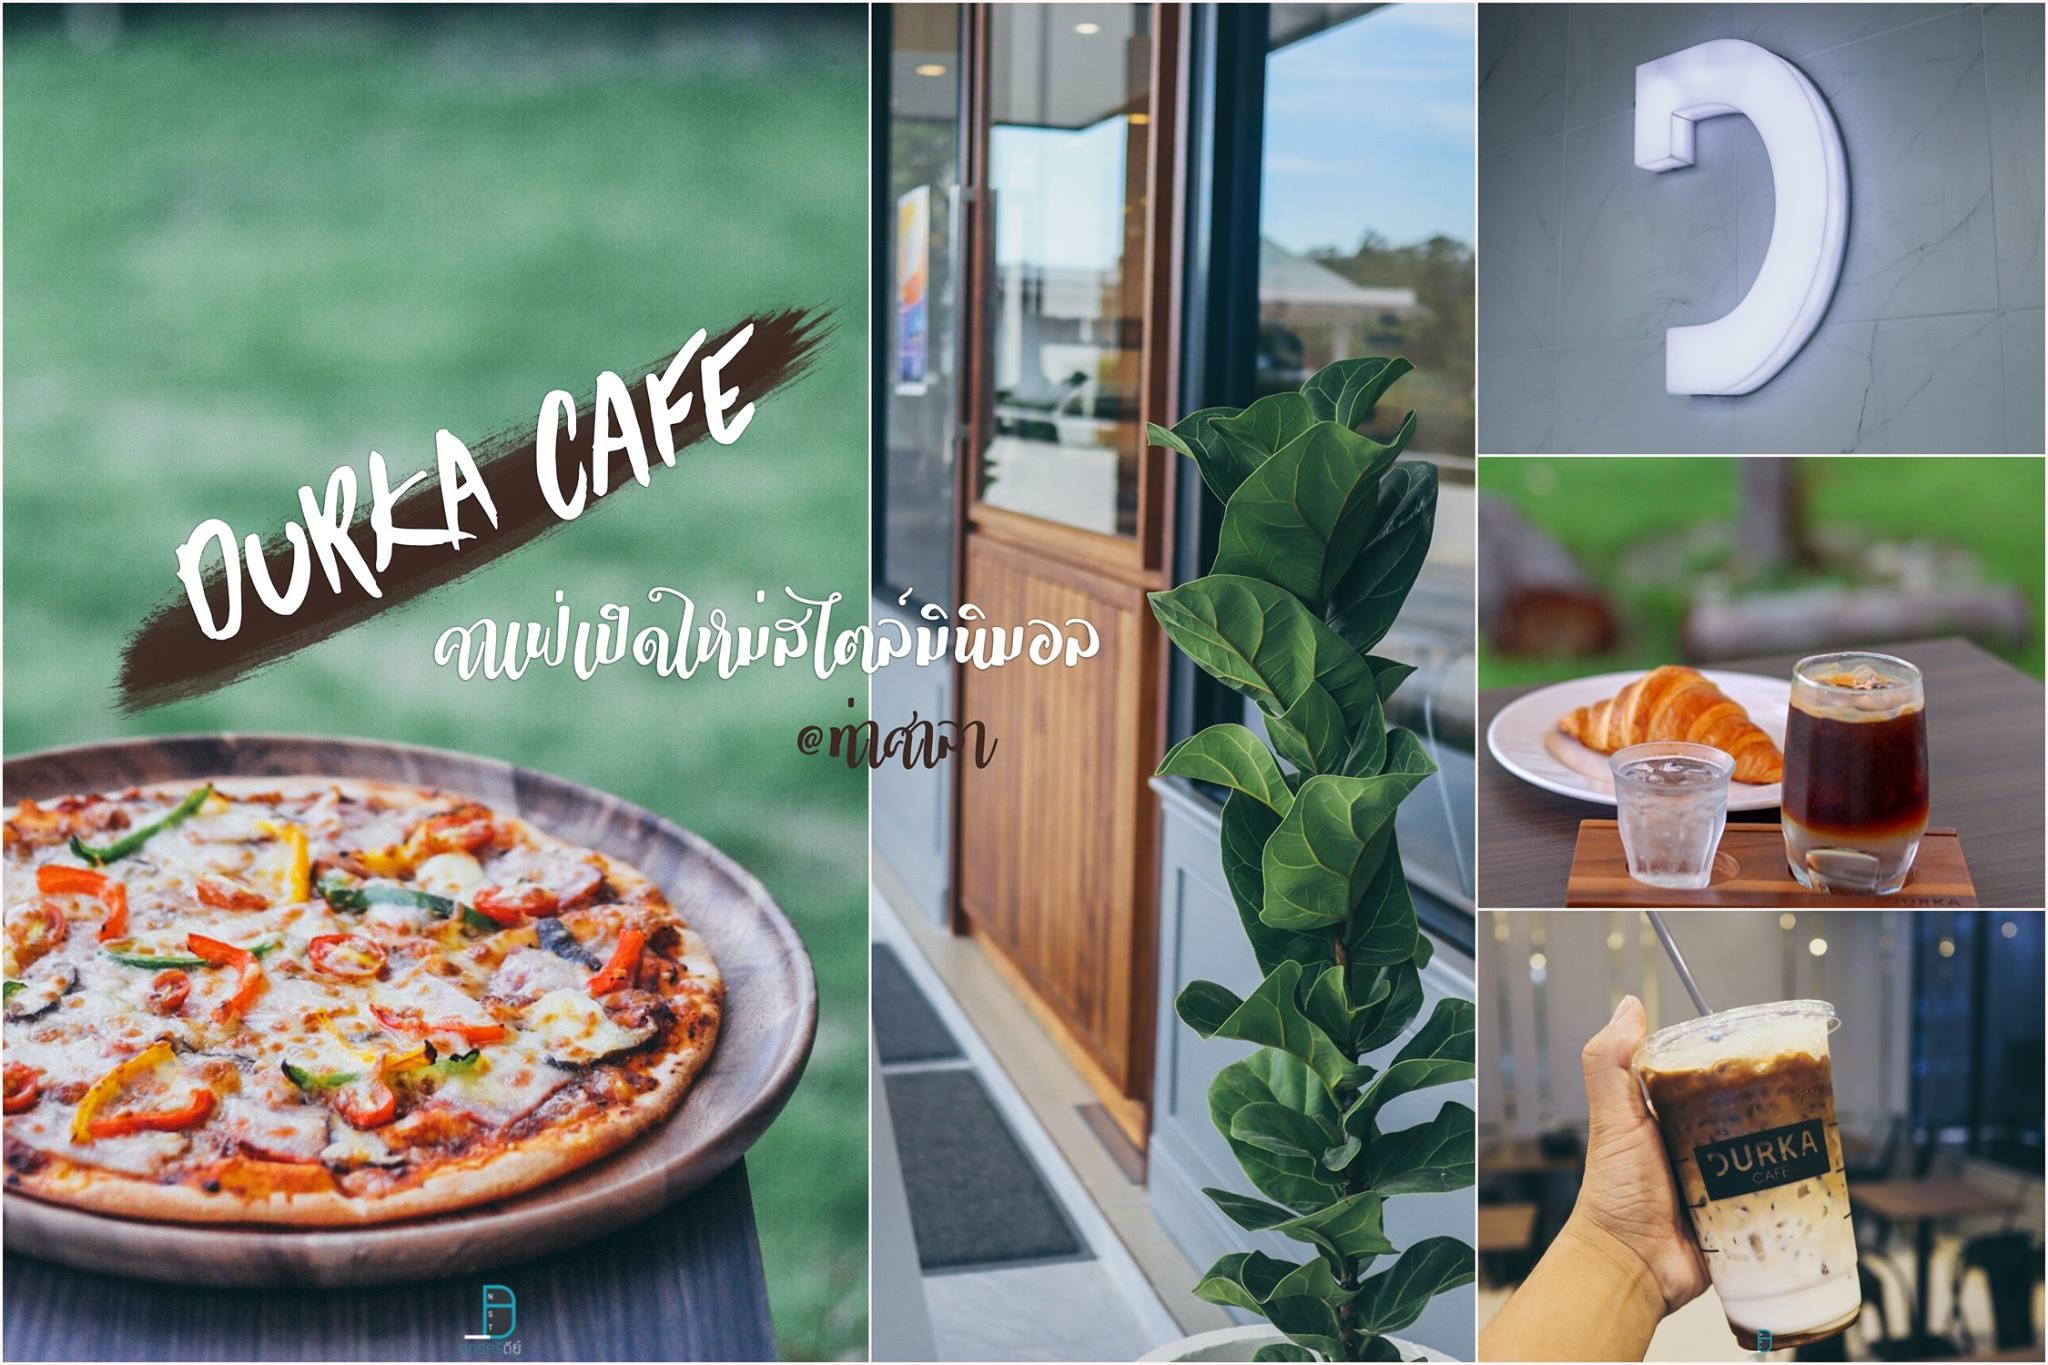 คาเฟ่ ท่าศาลา นครศรีธรรมราช Durka Cafe ร้านนั่งสบายเครื่องดื่มอร่อยราคาไม่แพง